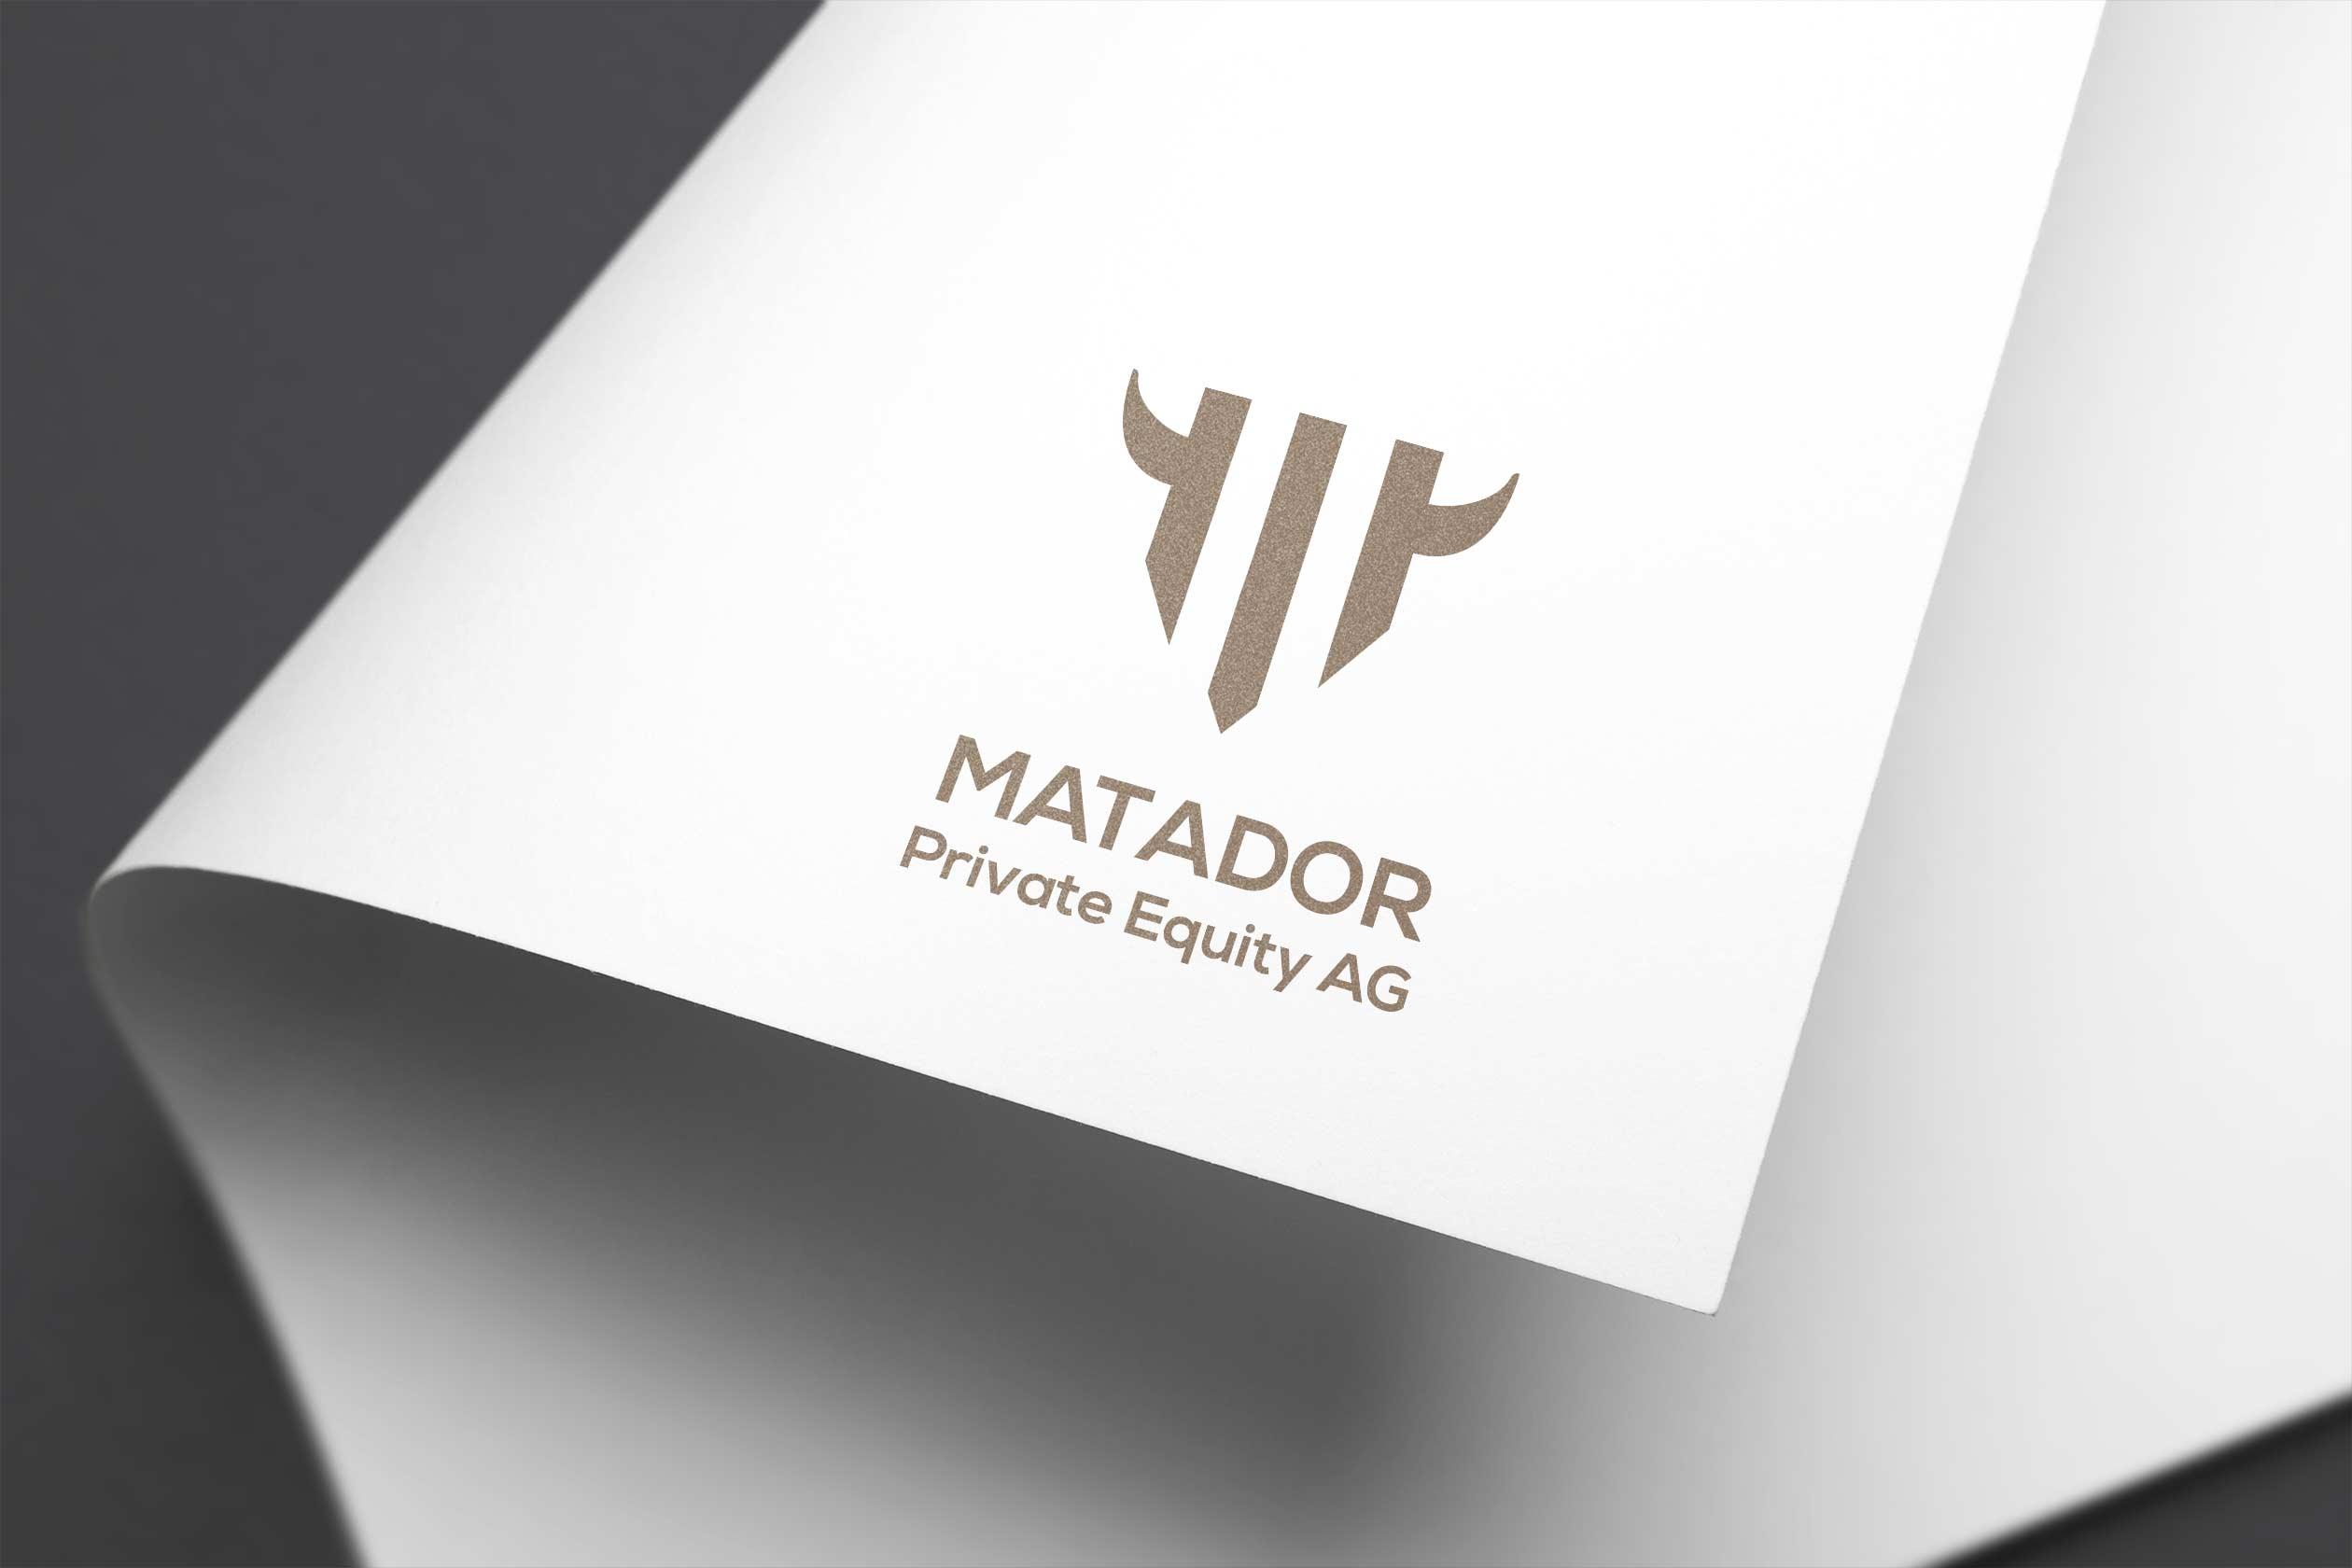 matador-portfolio-logo-1